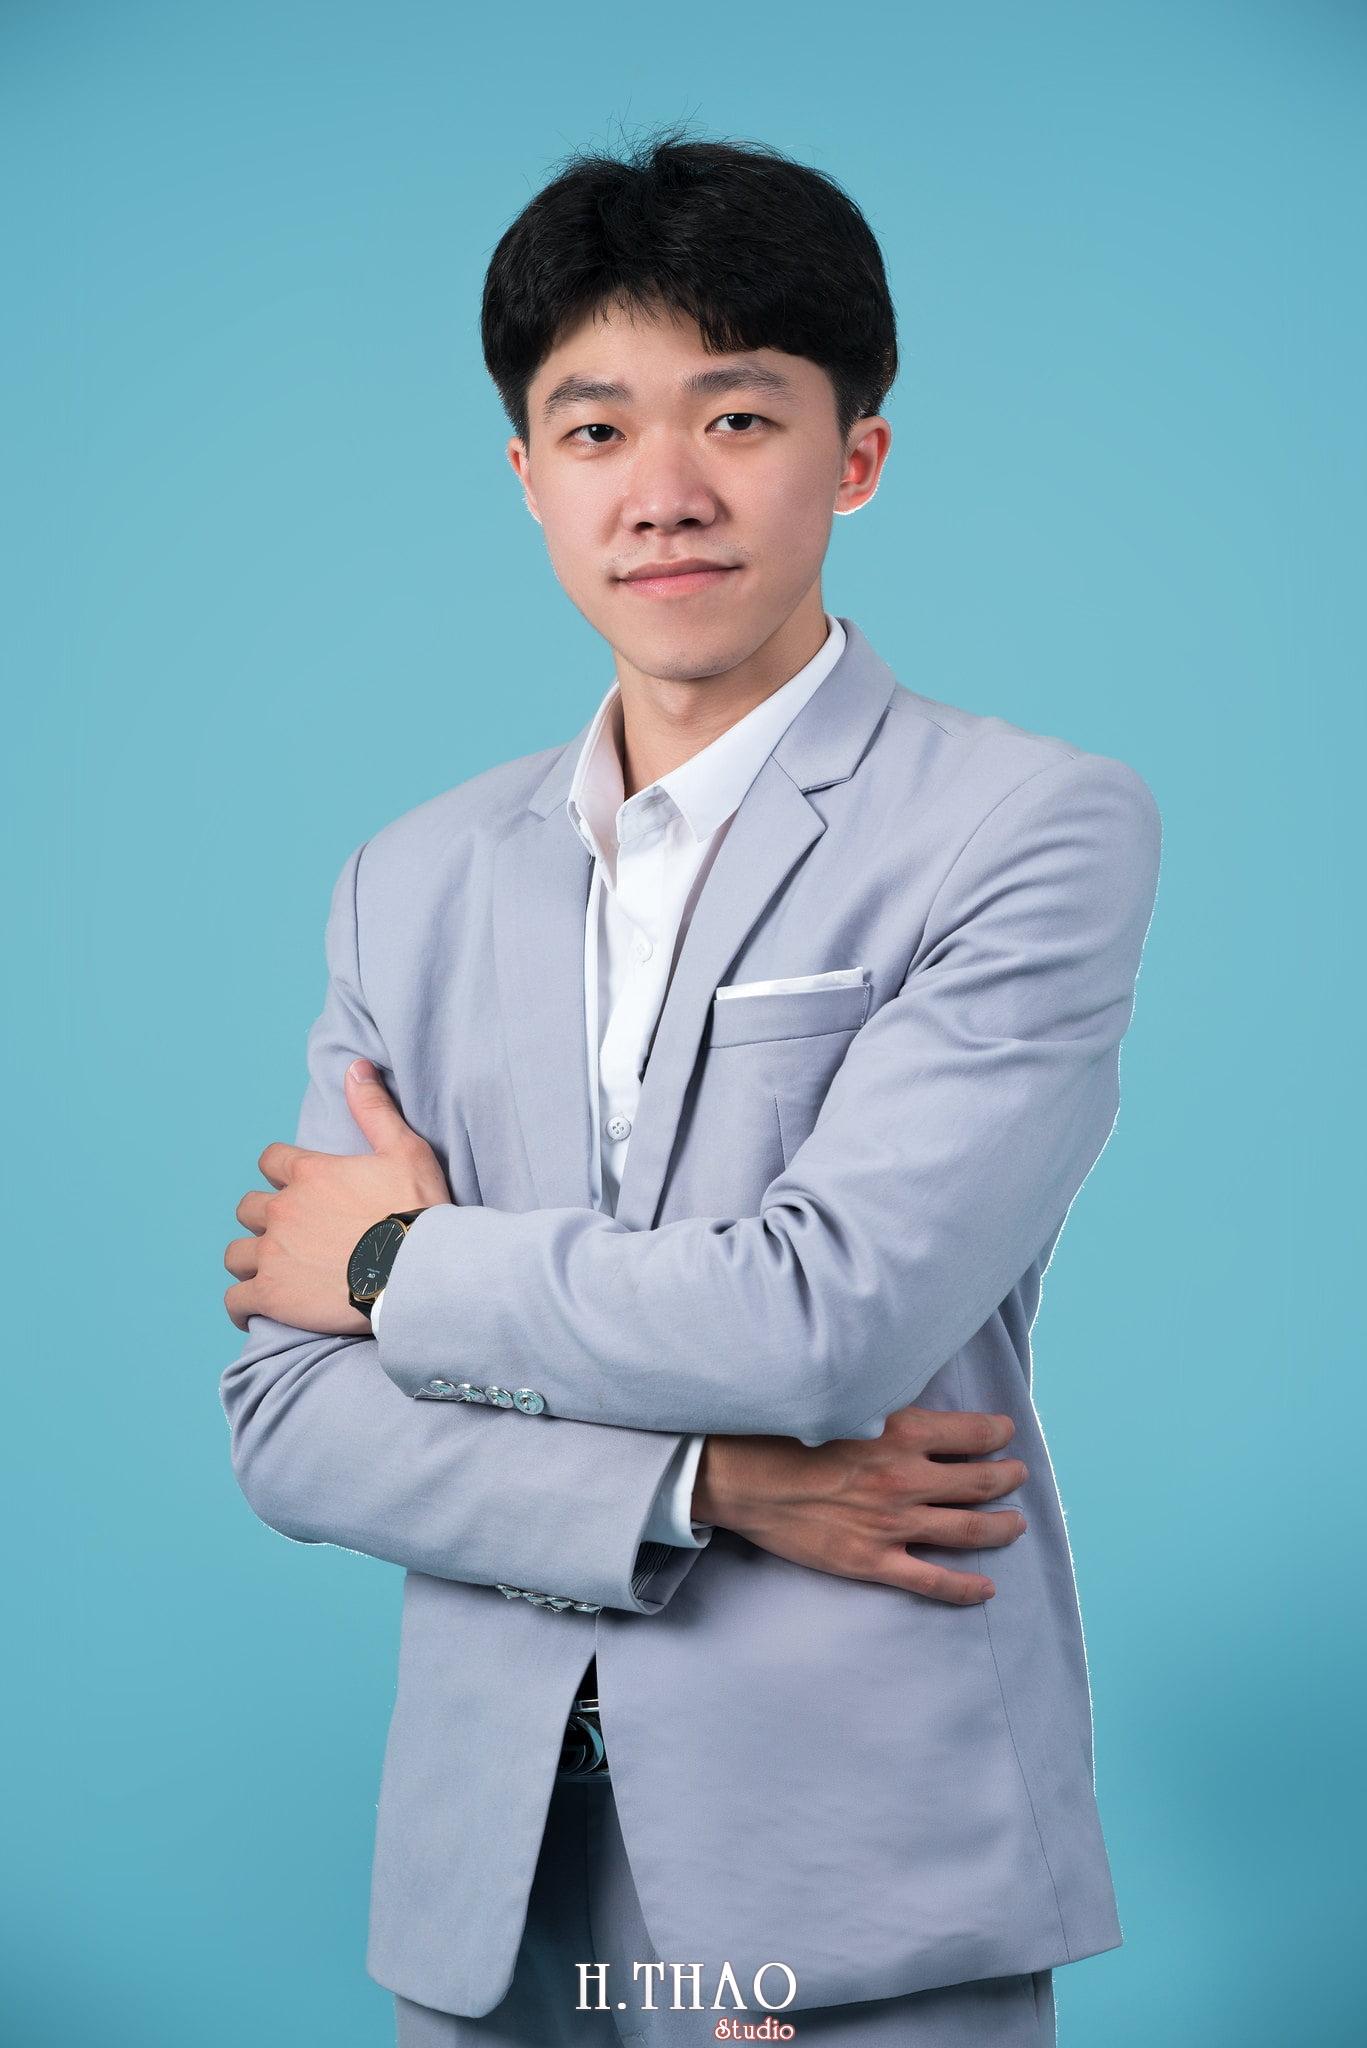 Thanh dat xanh 8 - Chụp ảnh profile nhân viên bất động sản Đất Xanh - HThao Studio